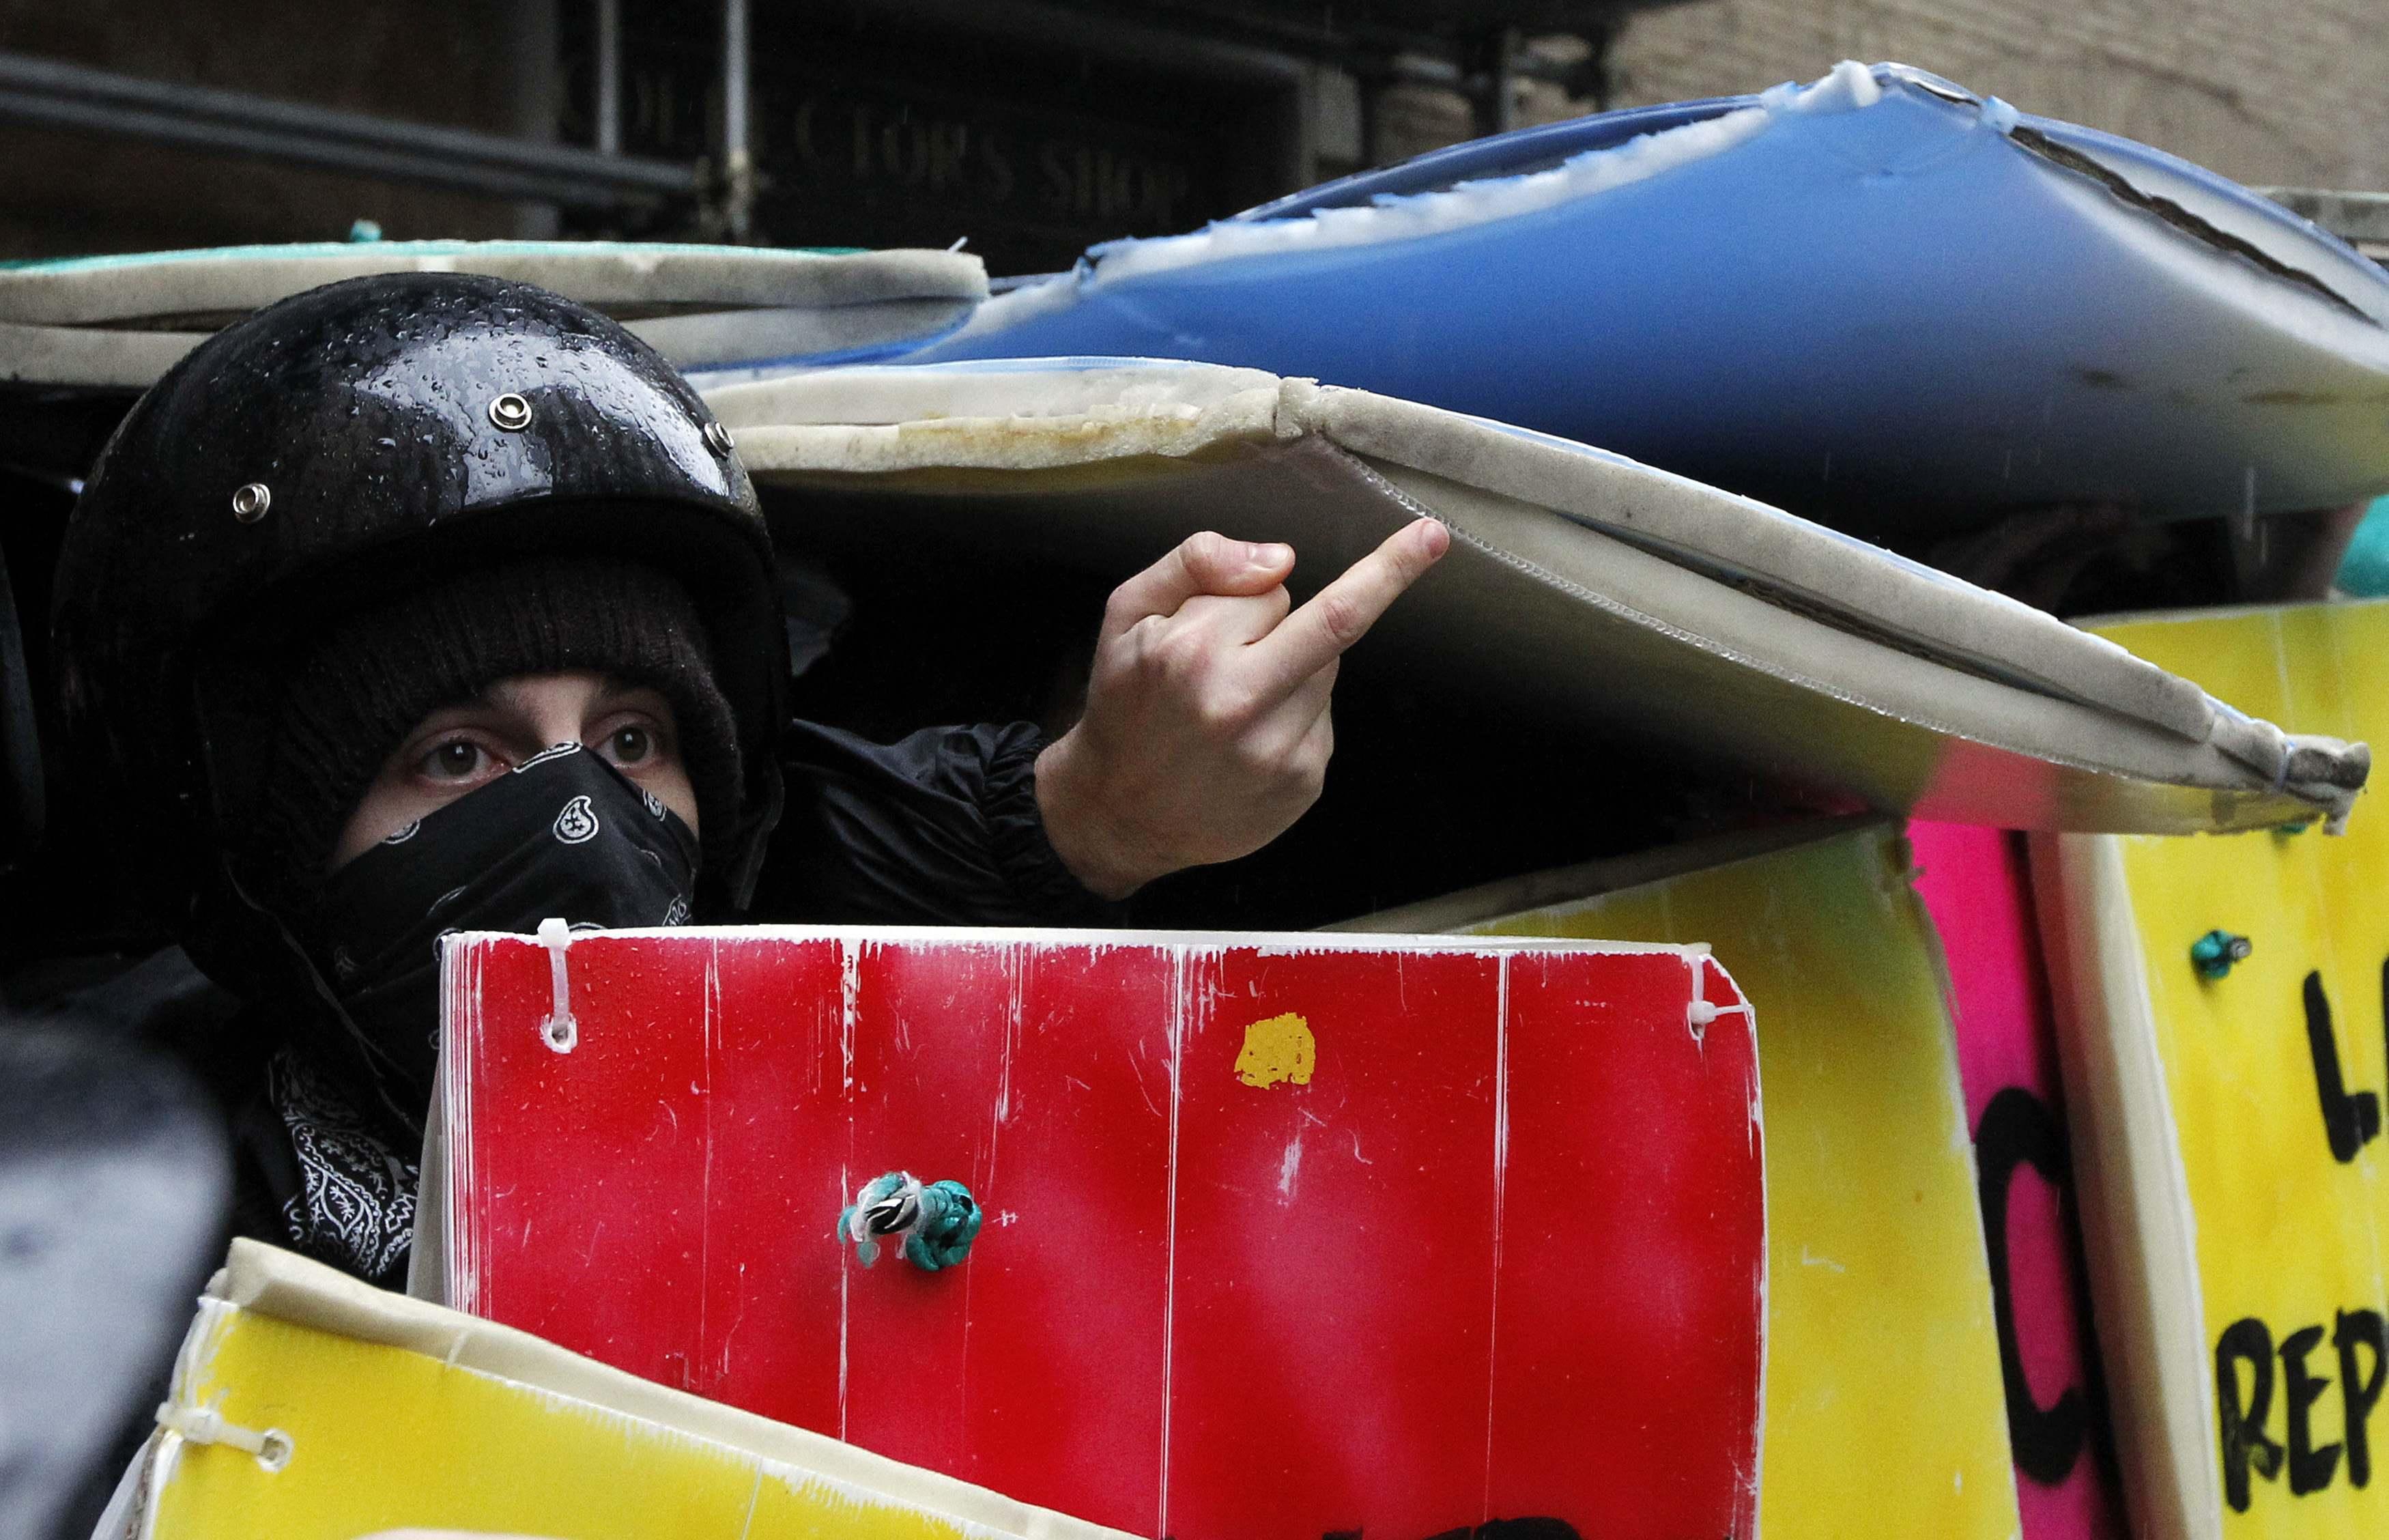 Ξεκάθαρο το μήνυμα του φοιτητή προς τους αστυνομικούς στη Ρώμη - ΦΩΤΟ REUTERS